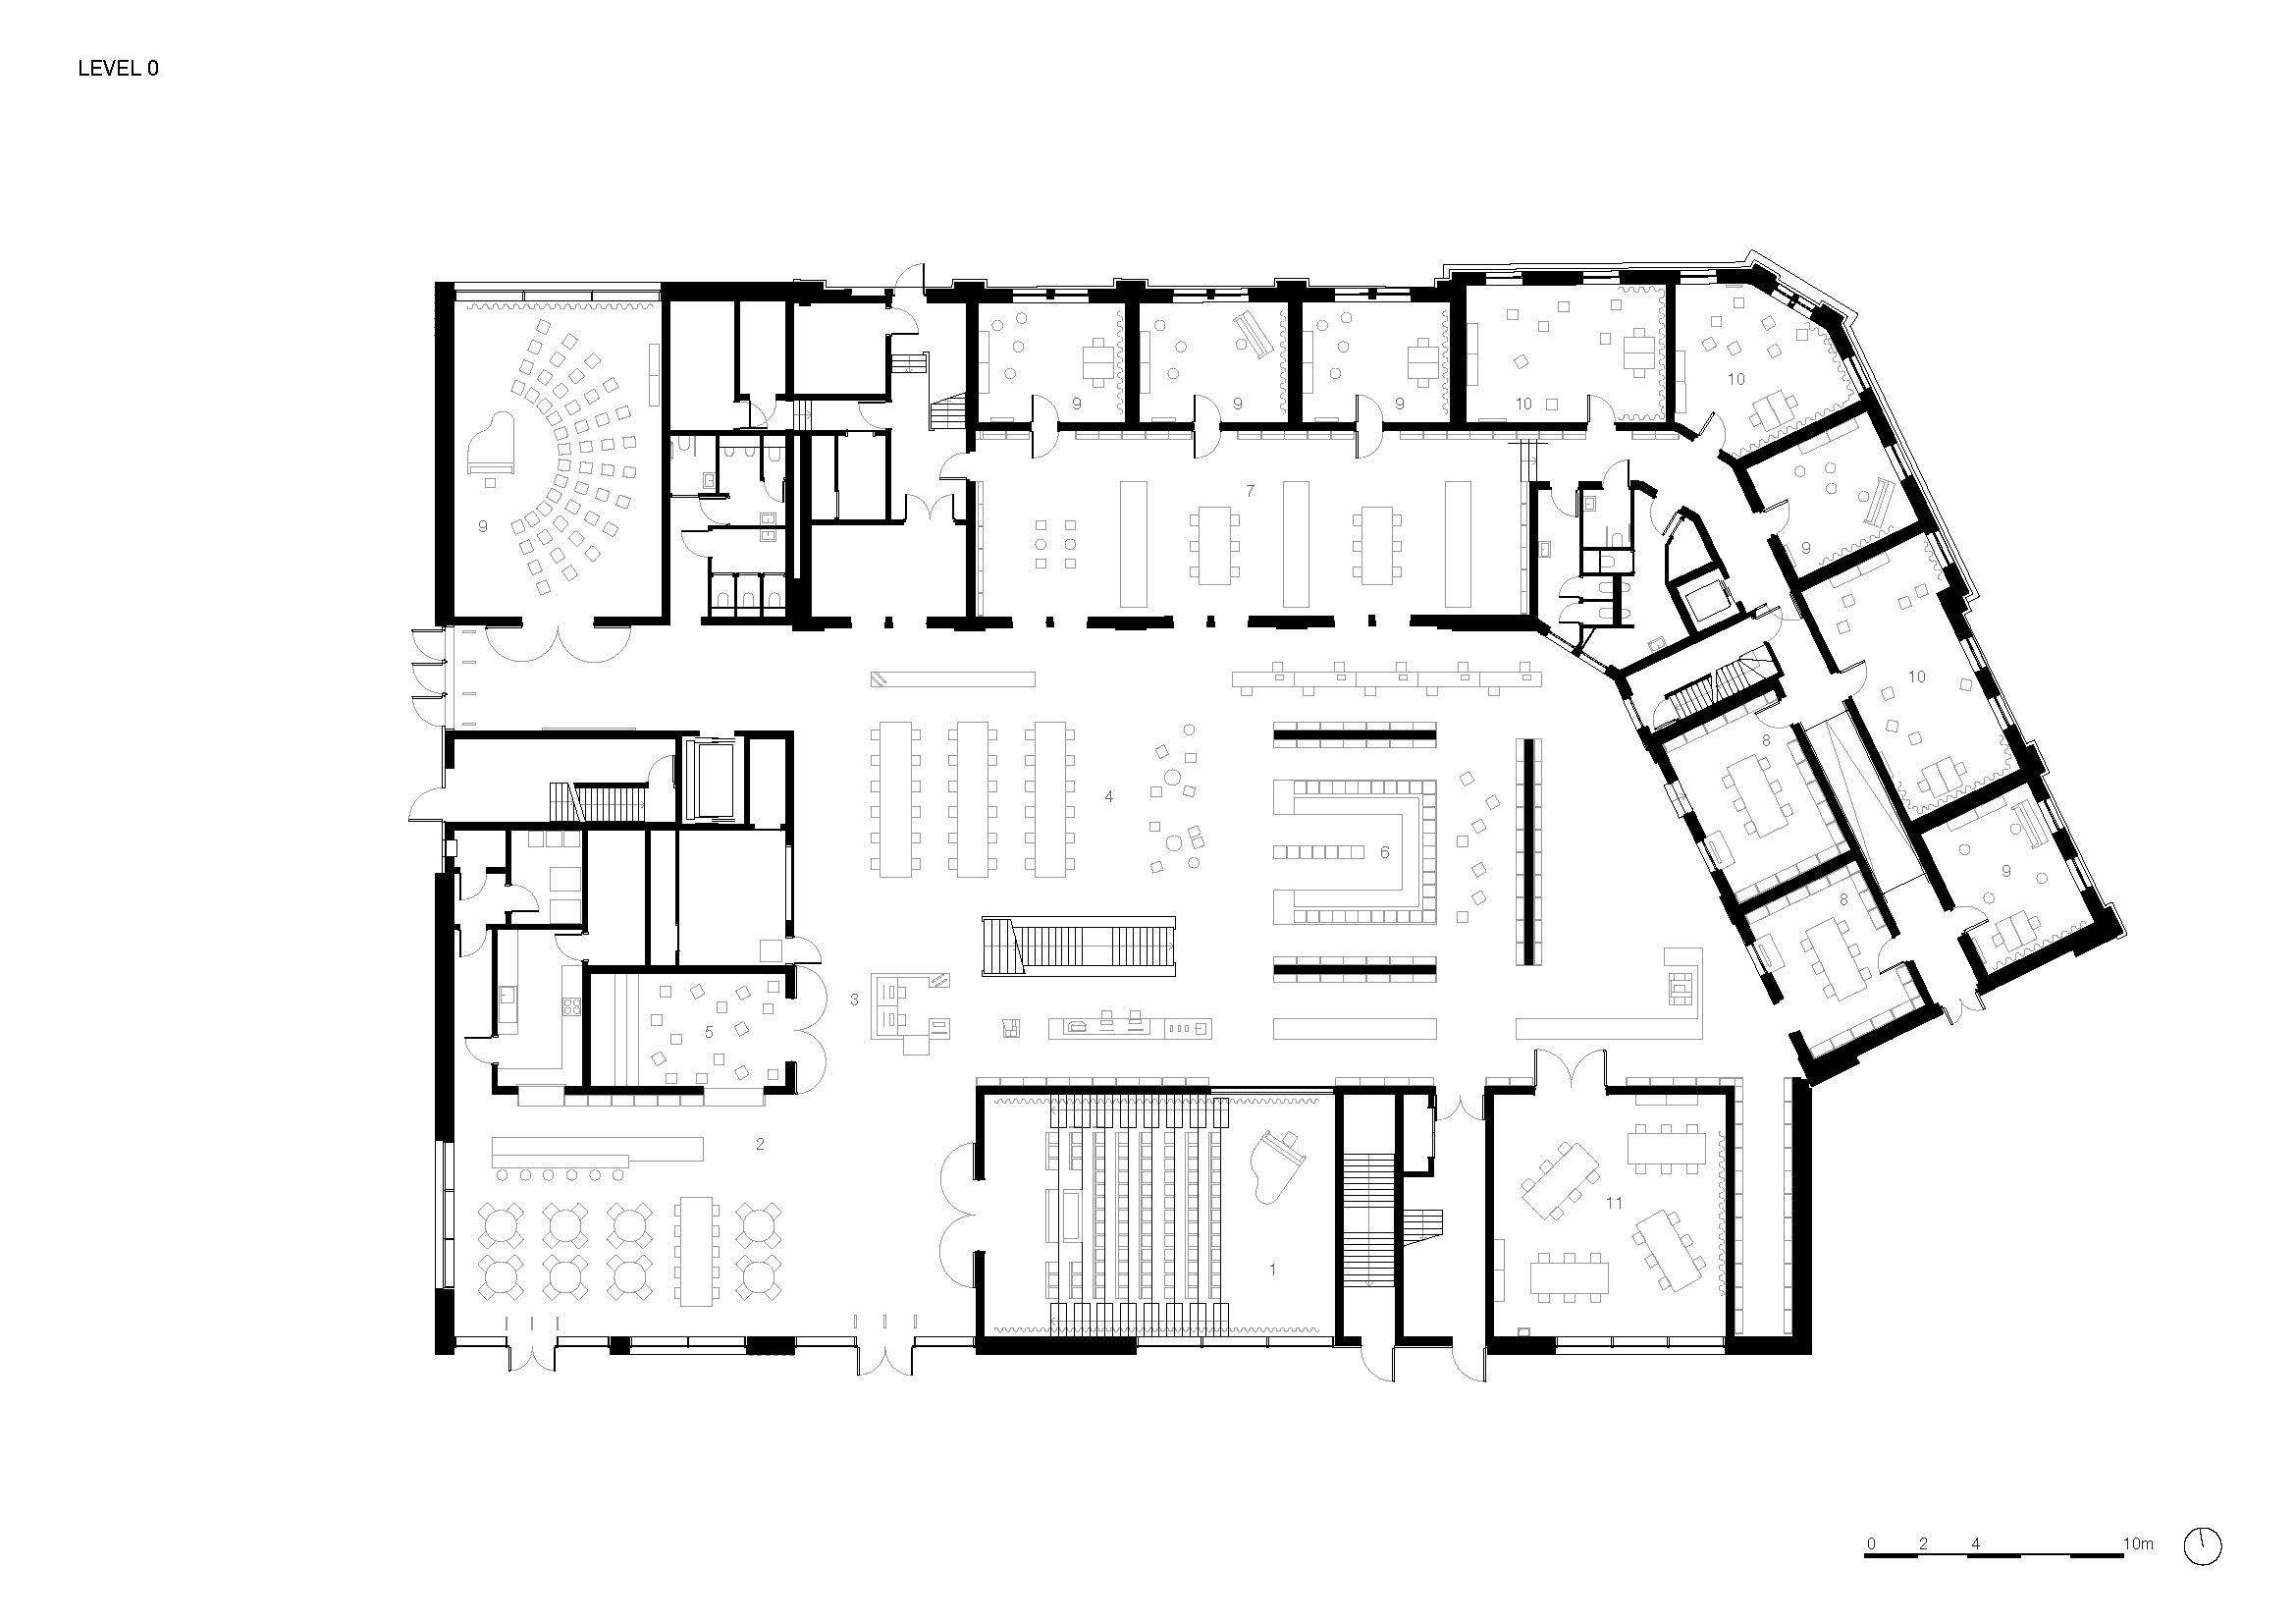 Floor plan 0 KAAN Architecten}